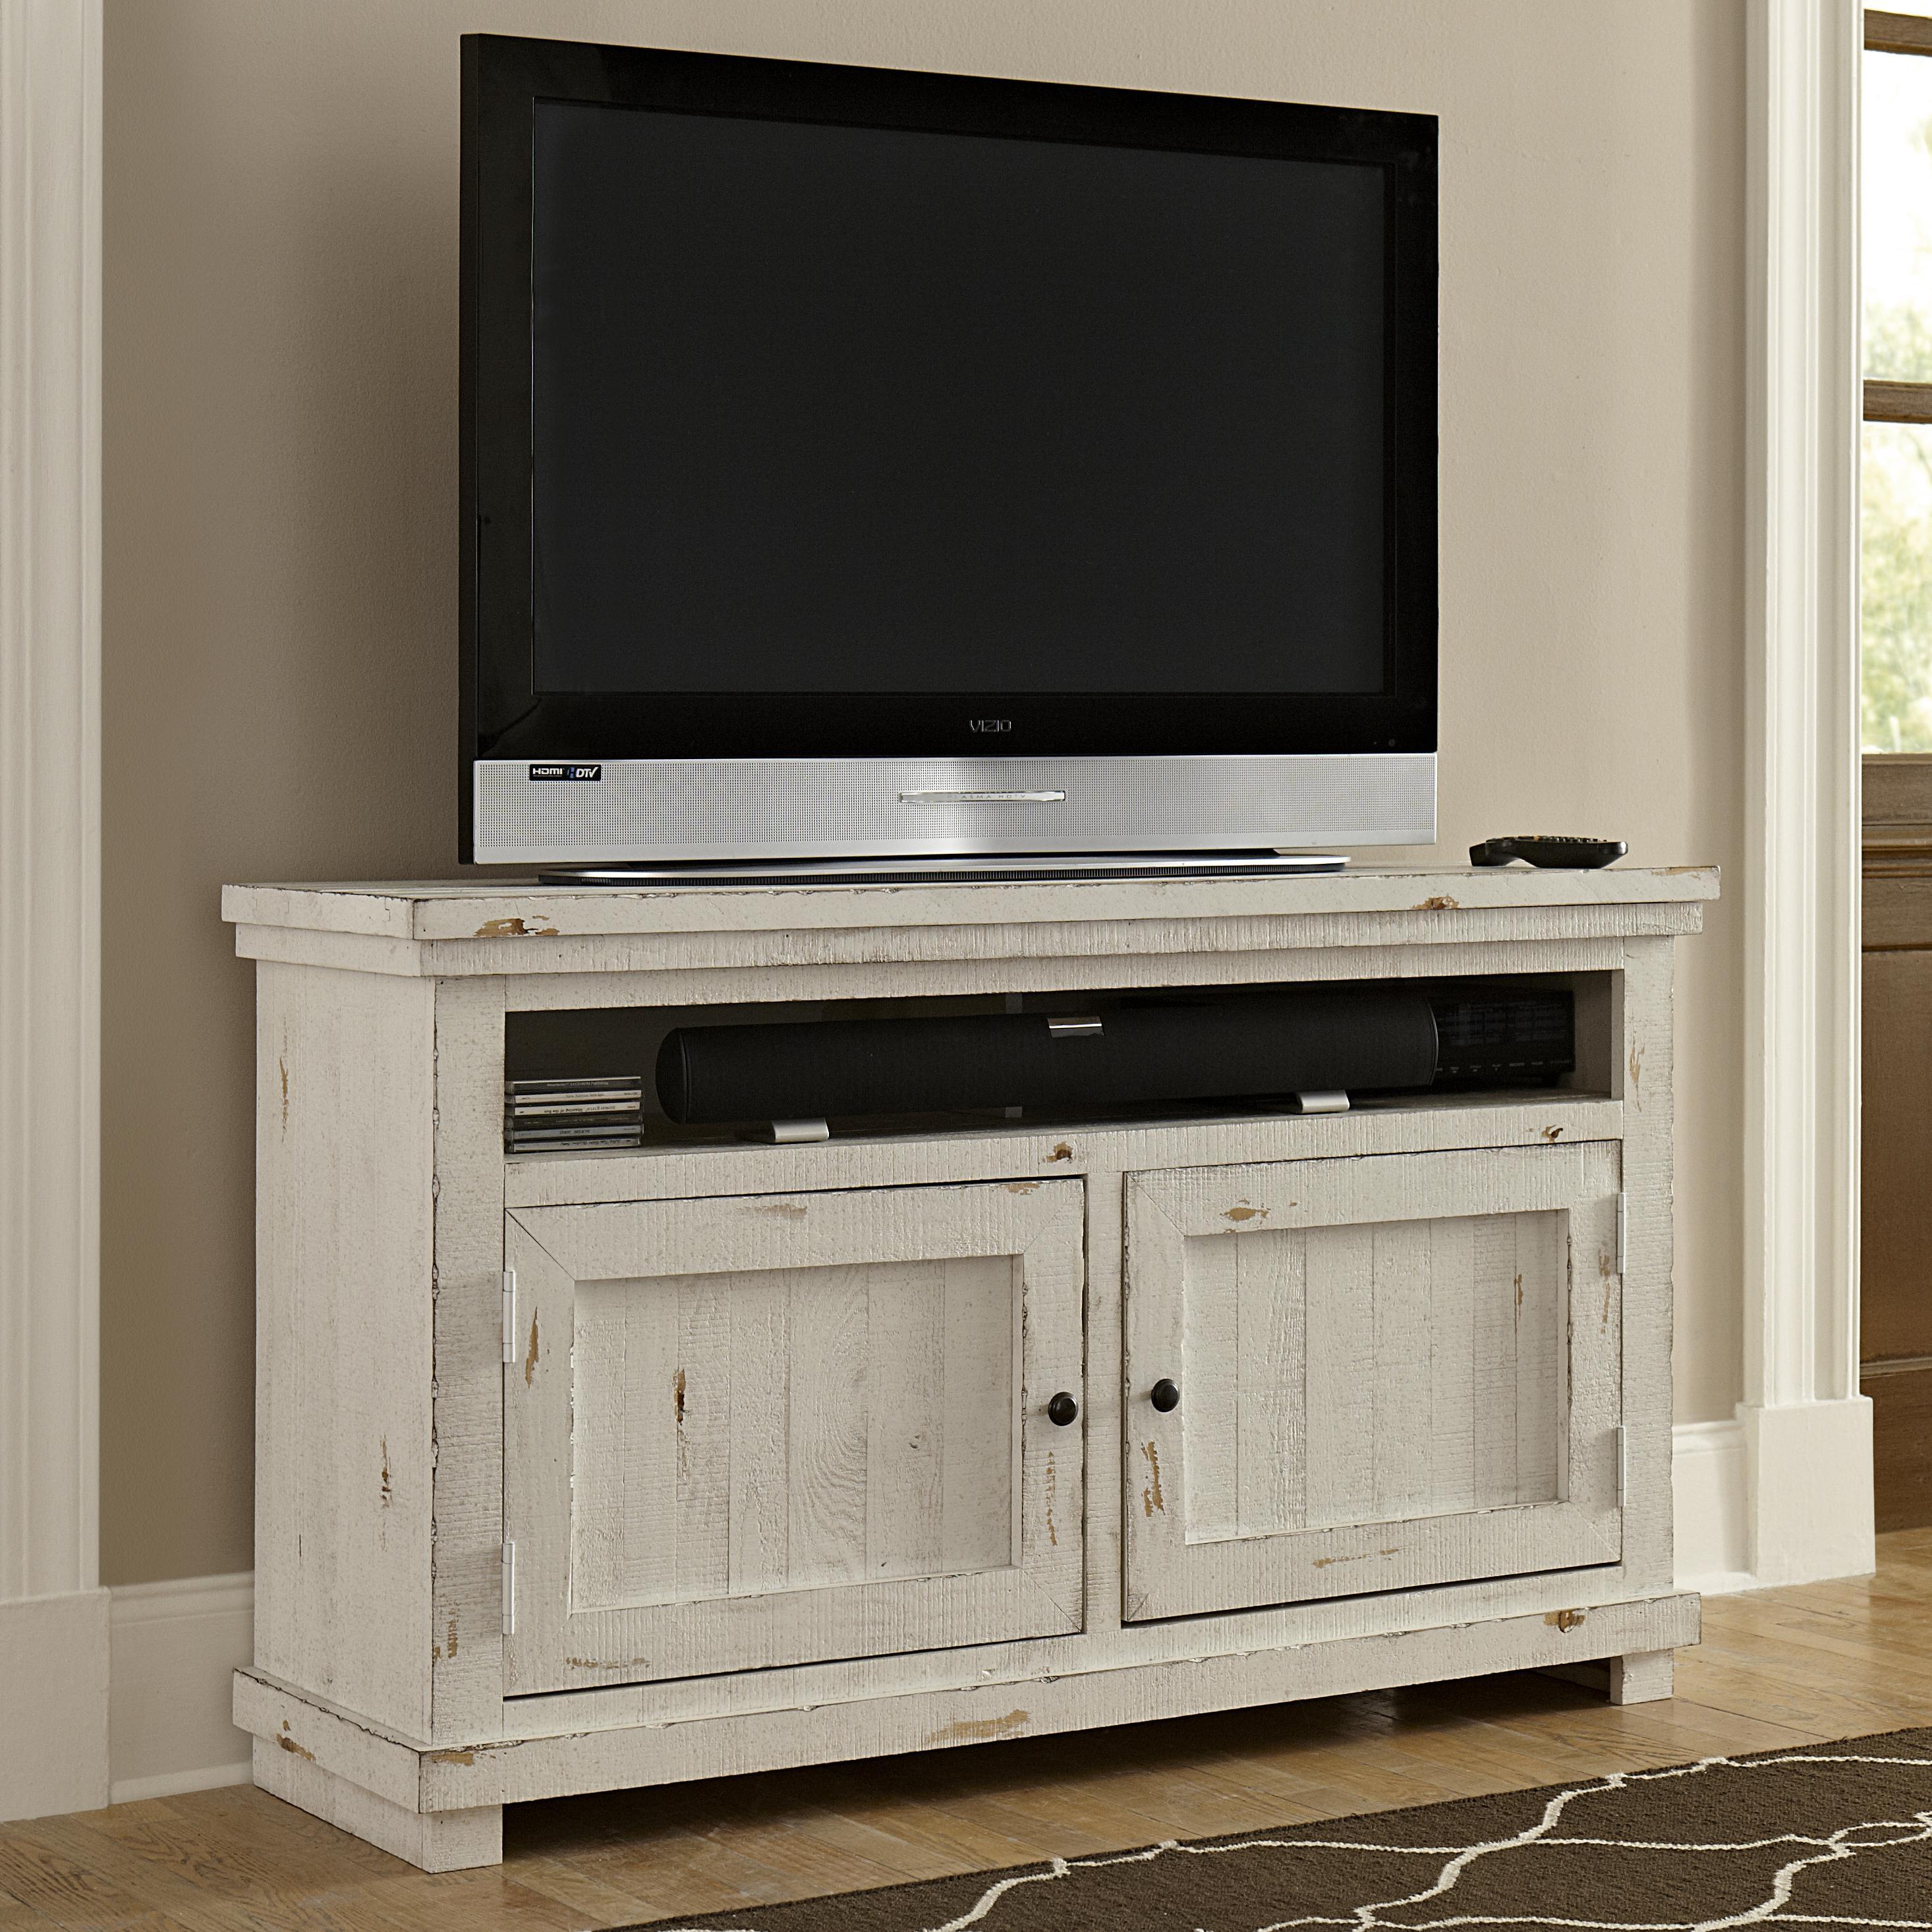 Progressive Furniture Willow54; Progressive Furniture Willow54